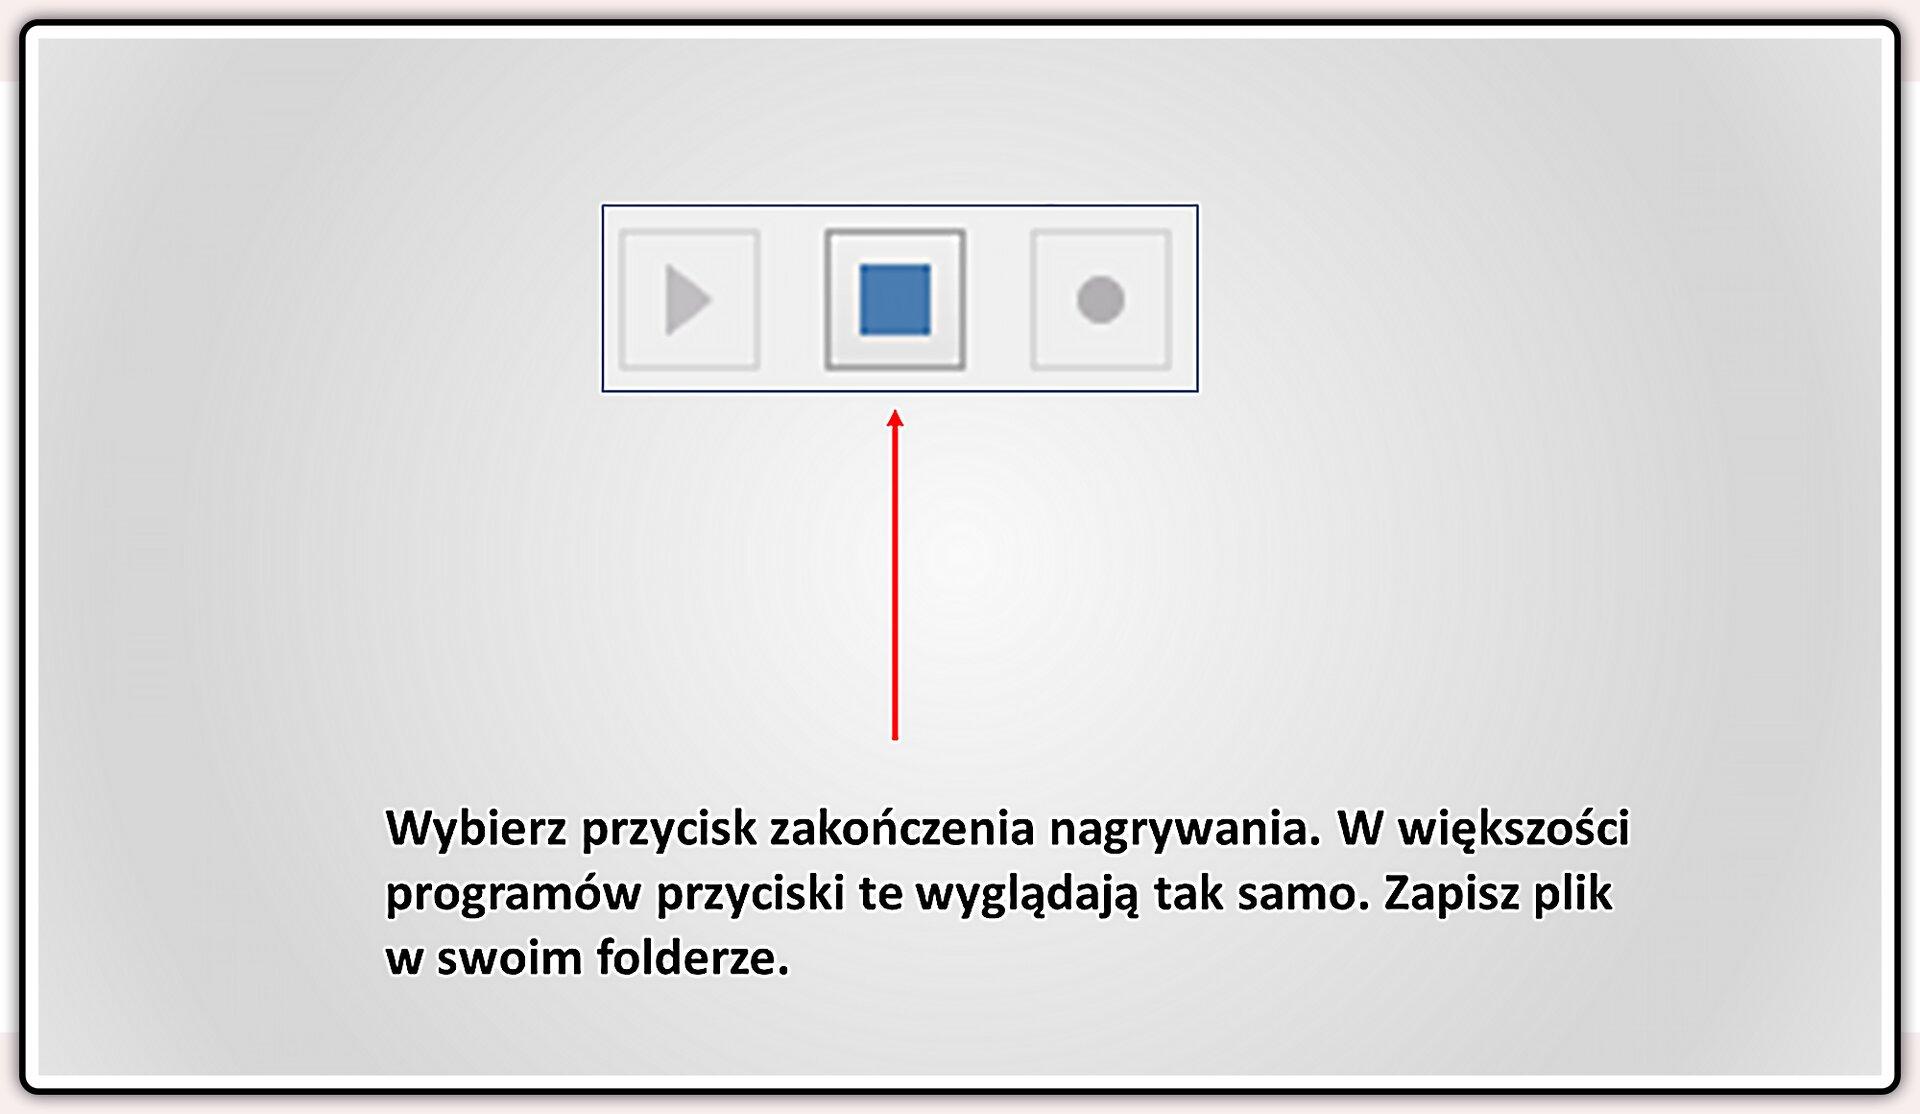 Slajd 2 galerii slajdów pokazu: Nagrywanie komentarza do prezentacji wprogramie LibreOffice Impress